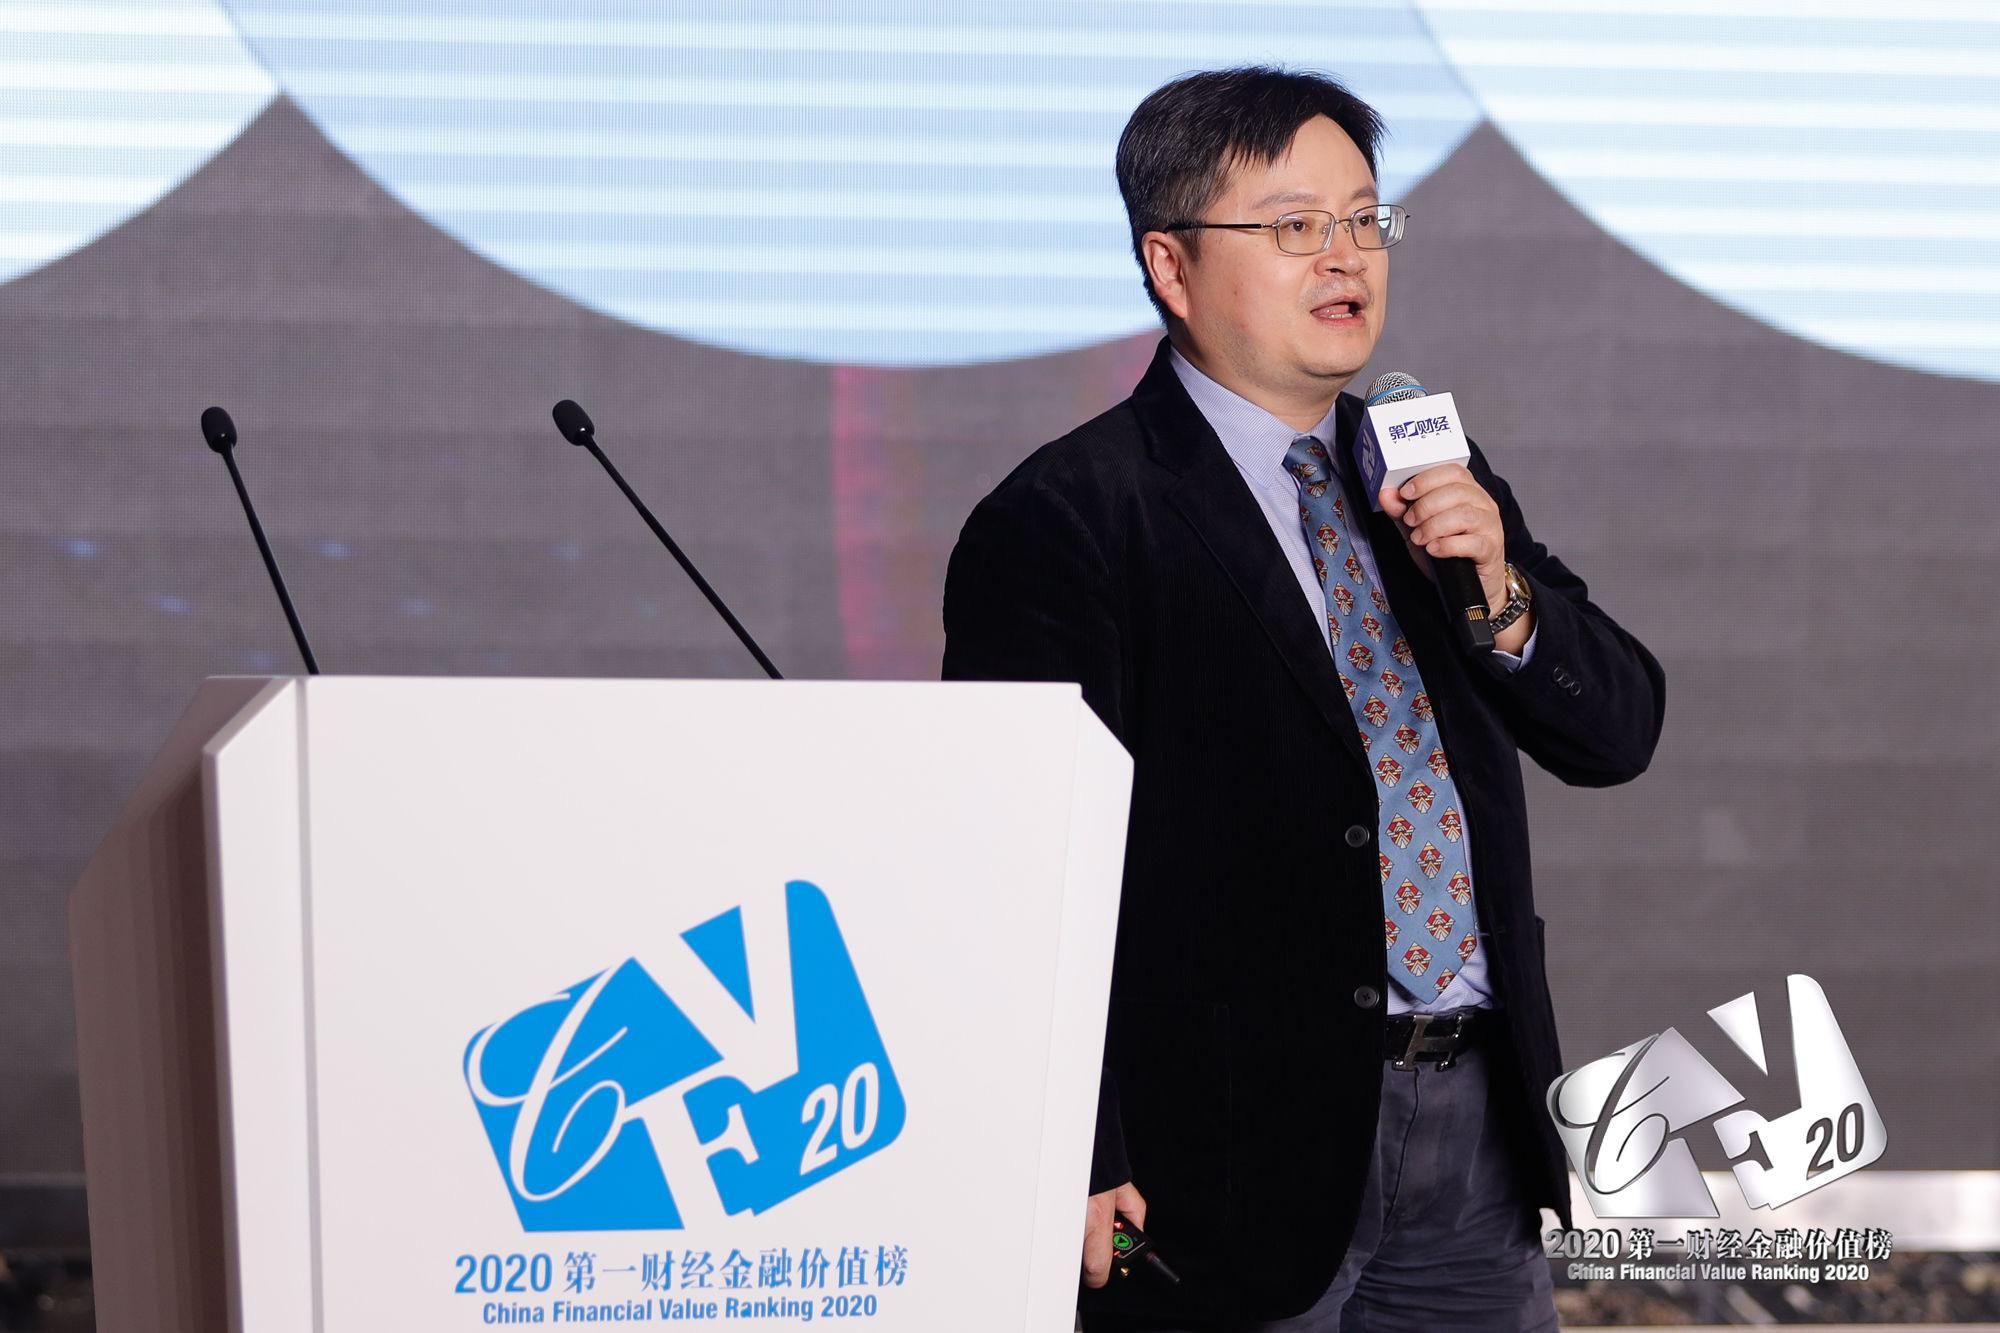 管涛:稳慎推进人民币国际化 越开放越讲究安全发展